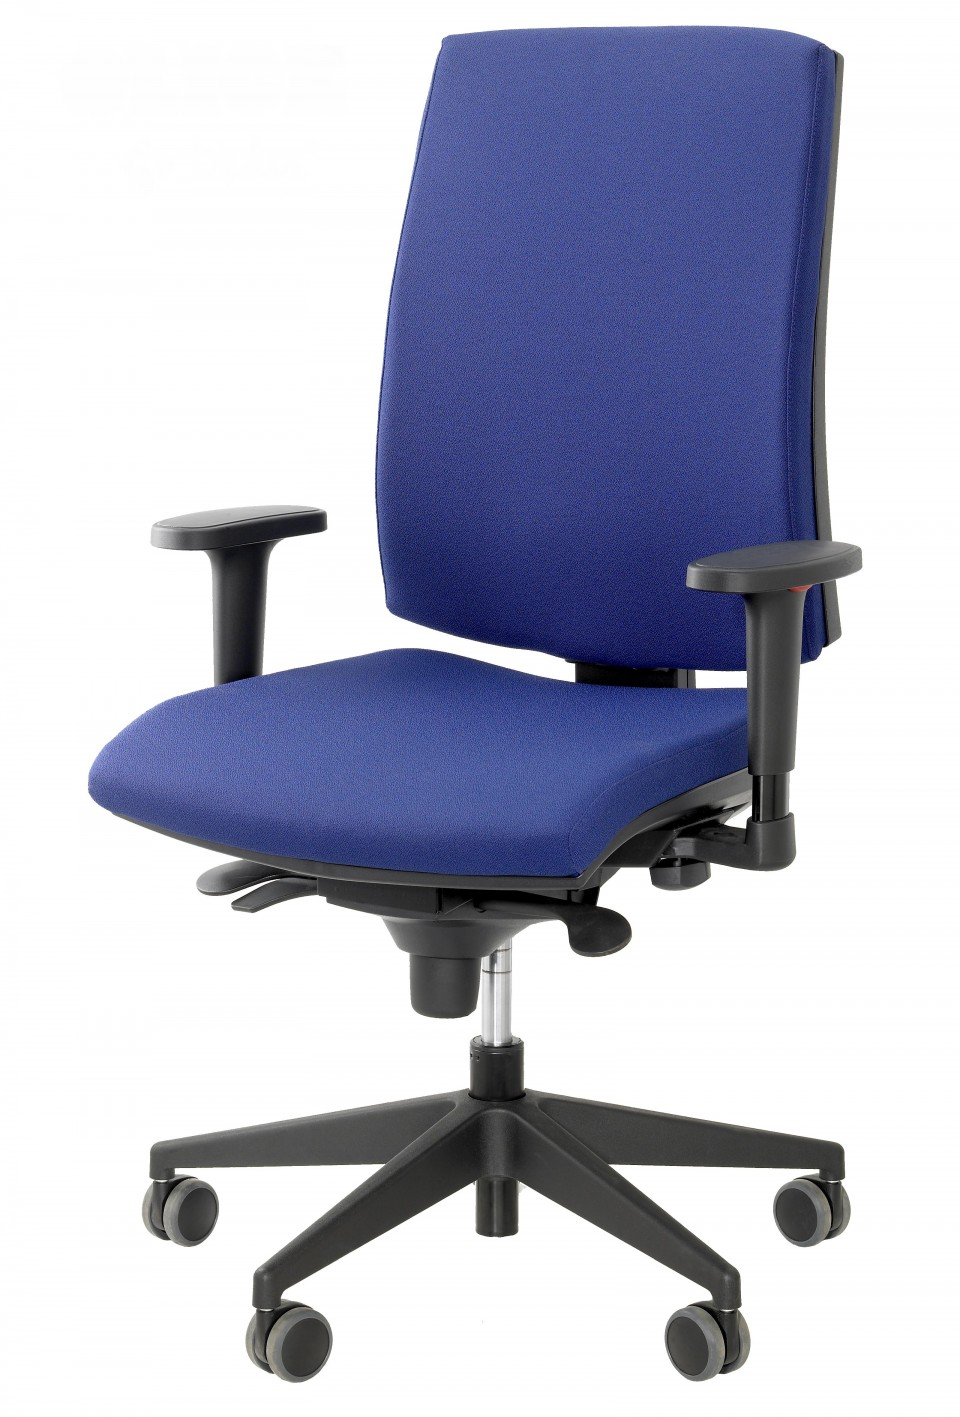 fauteuil de bureau ergonomique go hd achat si ges. Black Bedroom Furniture Sets. Home Design Ideas